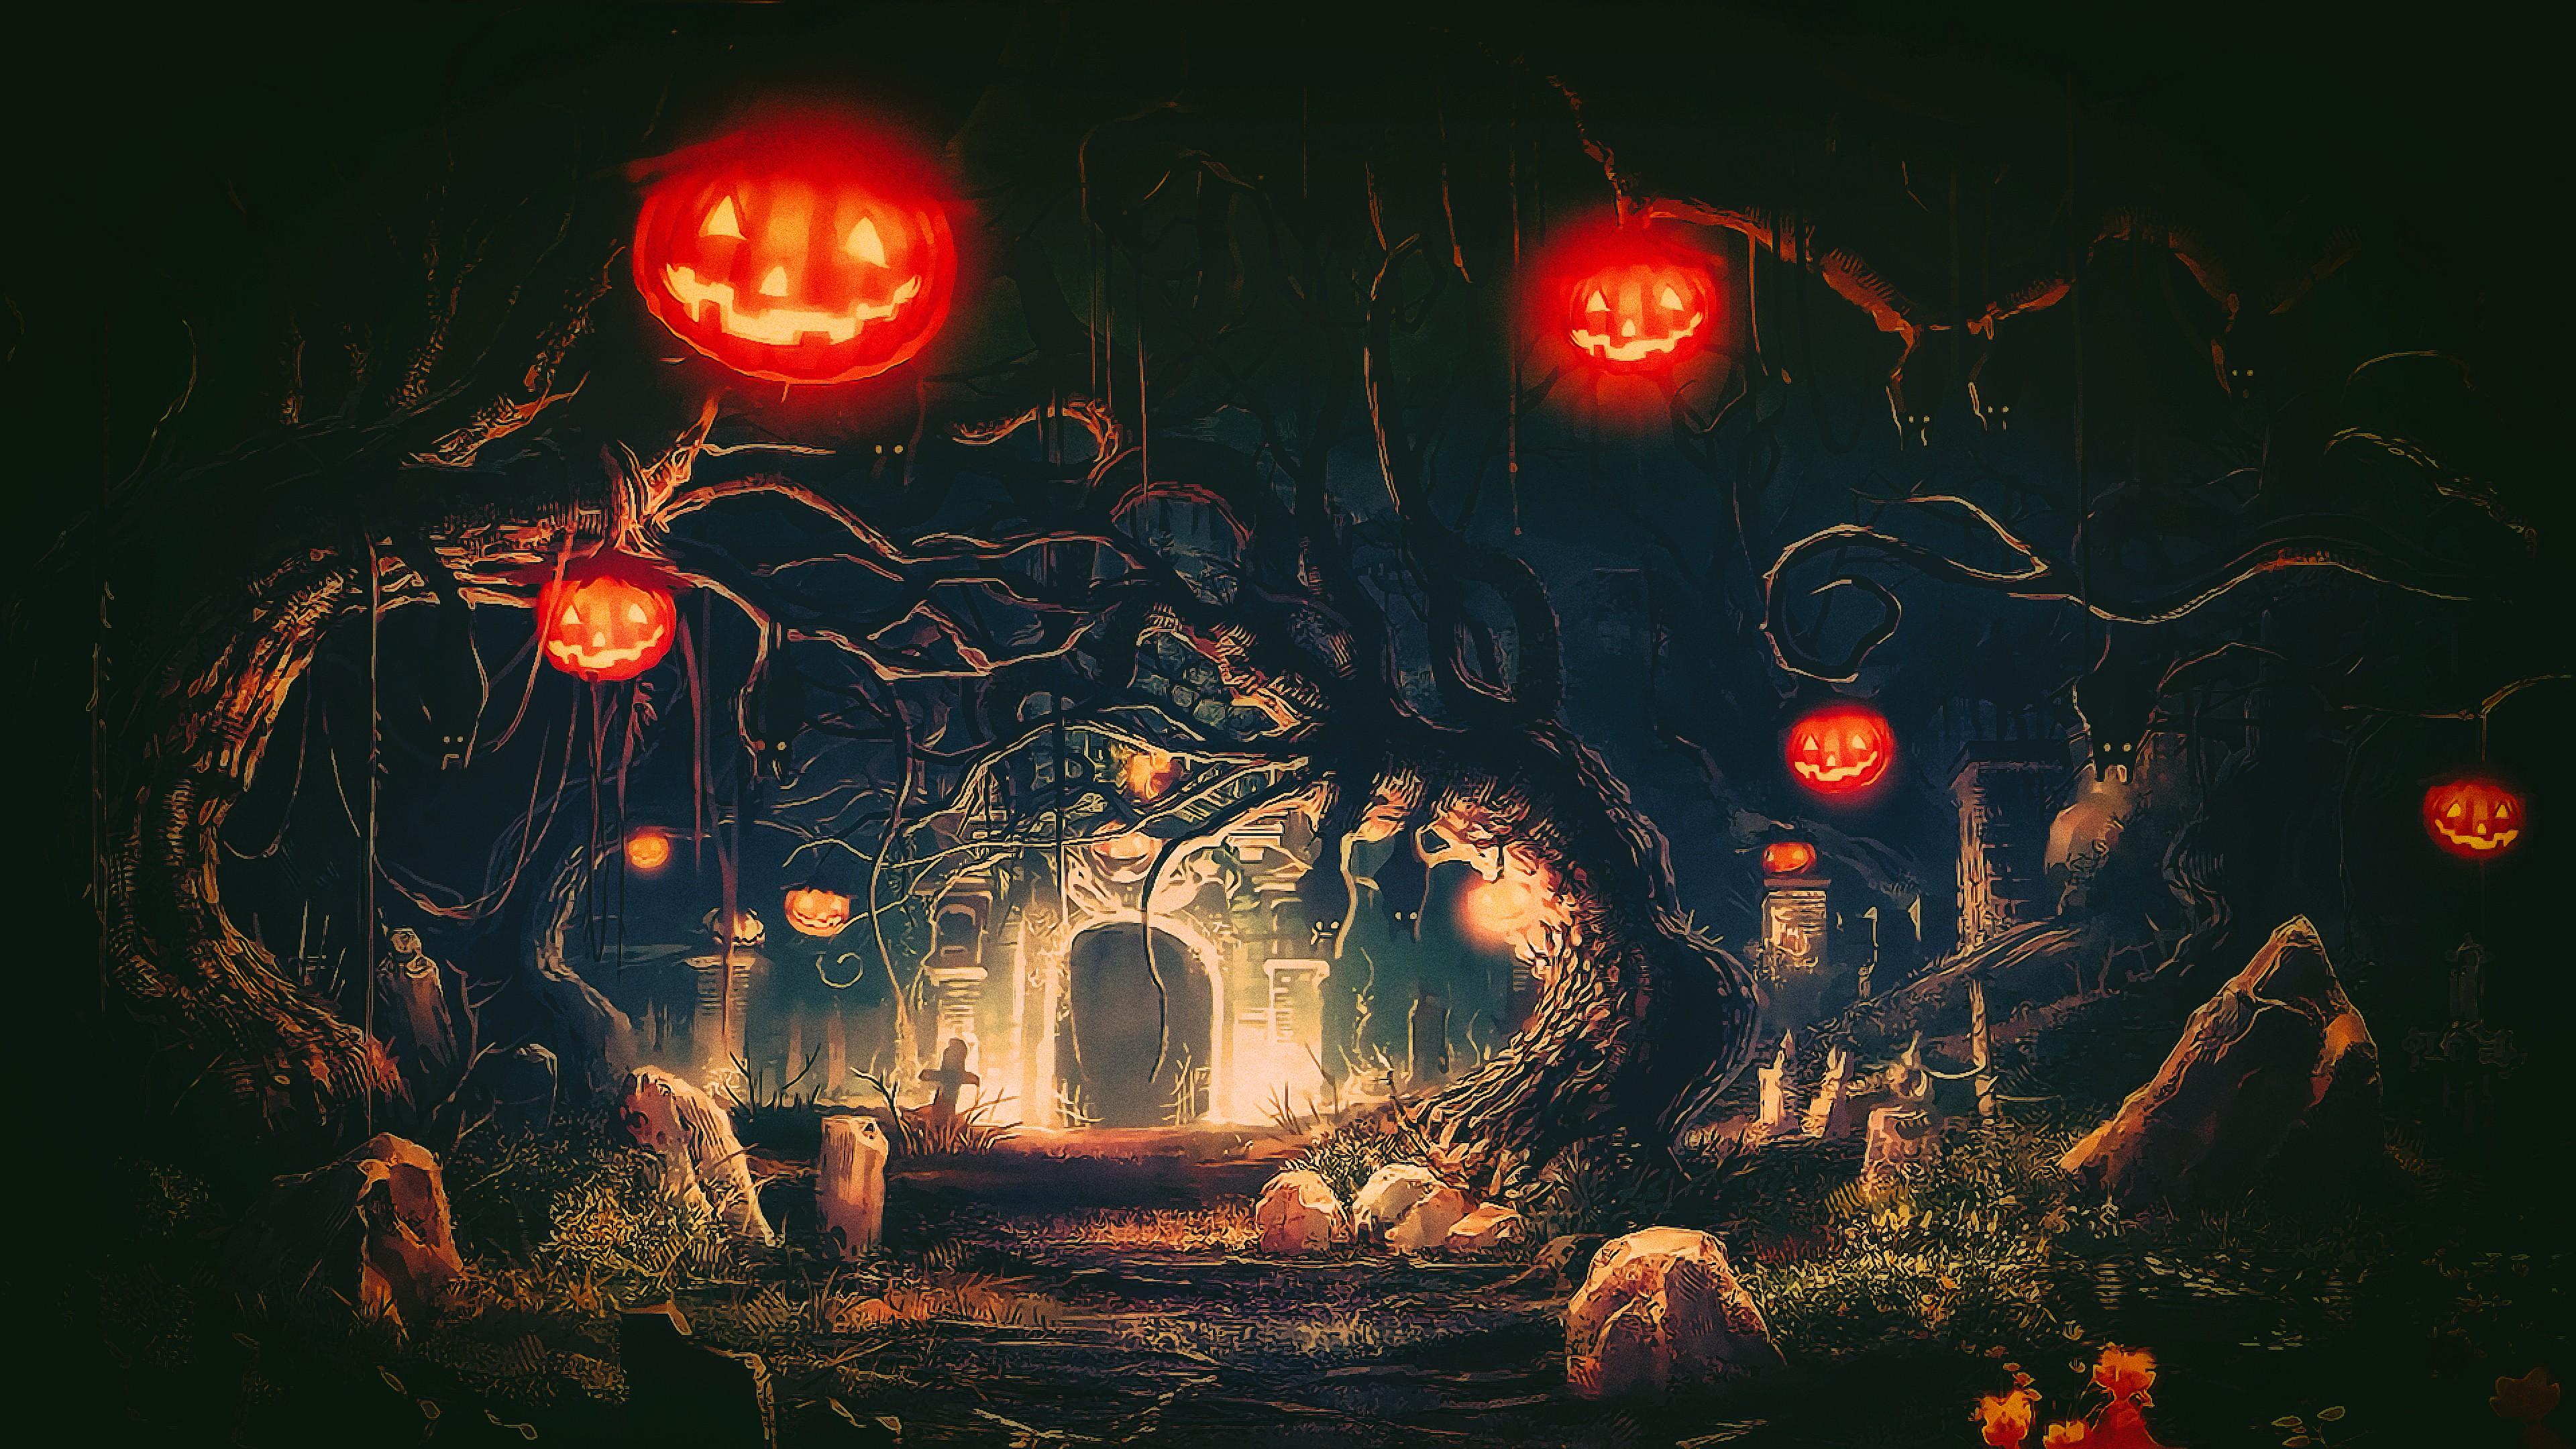 Хэллоуин обои на телефон жуткие